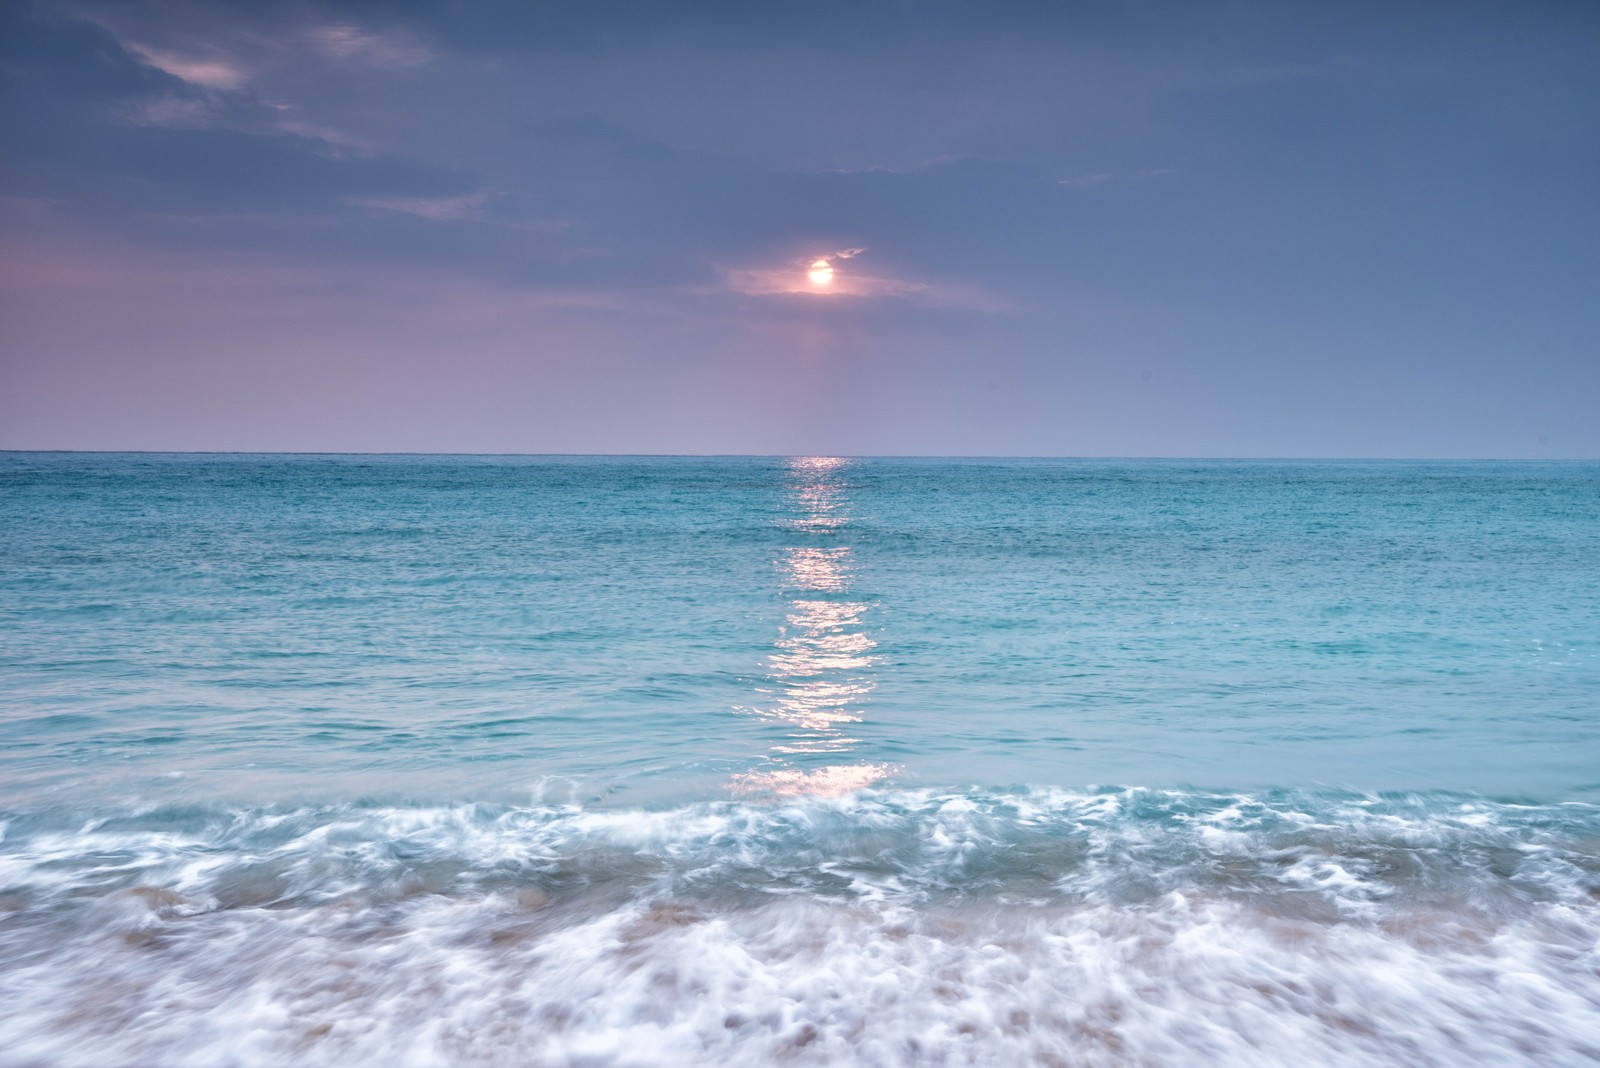 「青い海に映える太陽」の写真